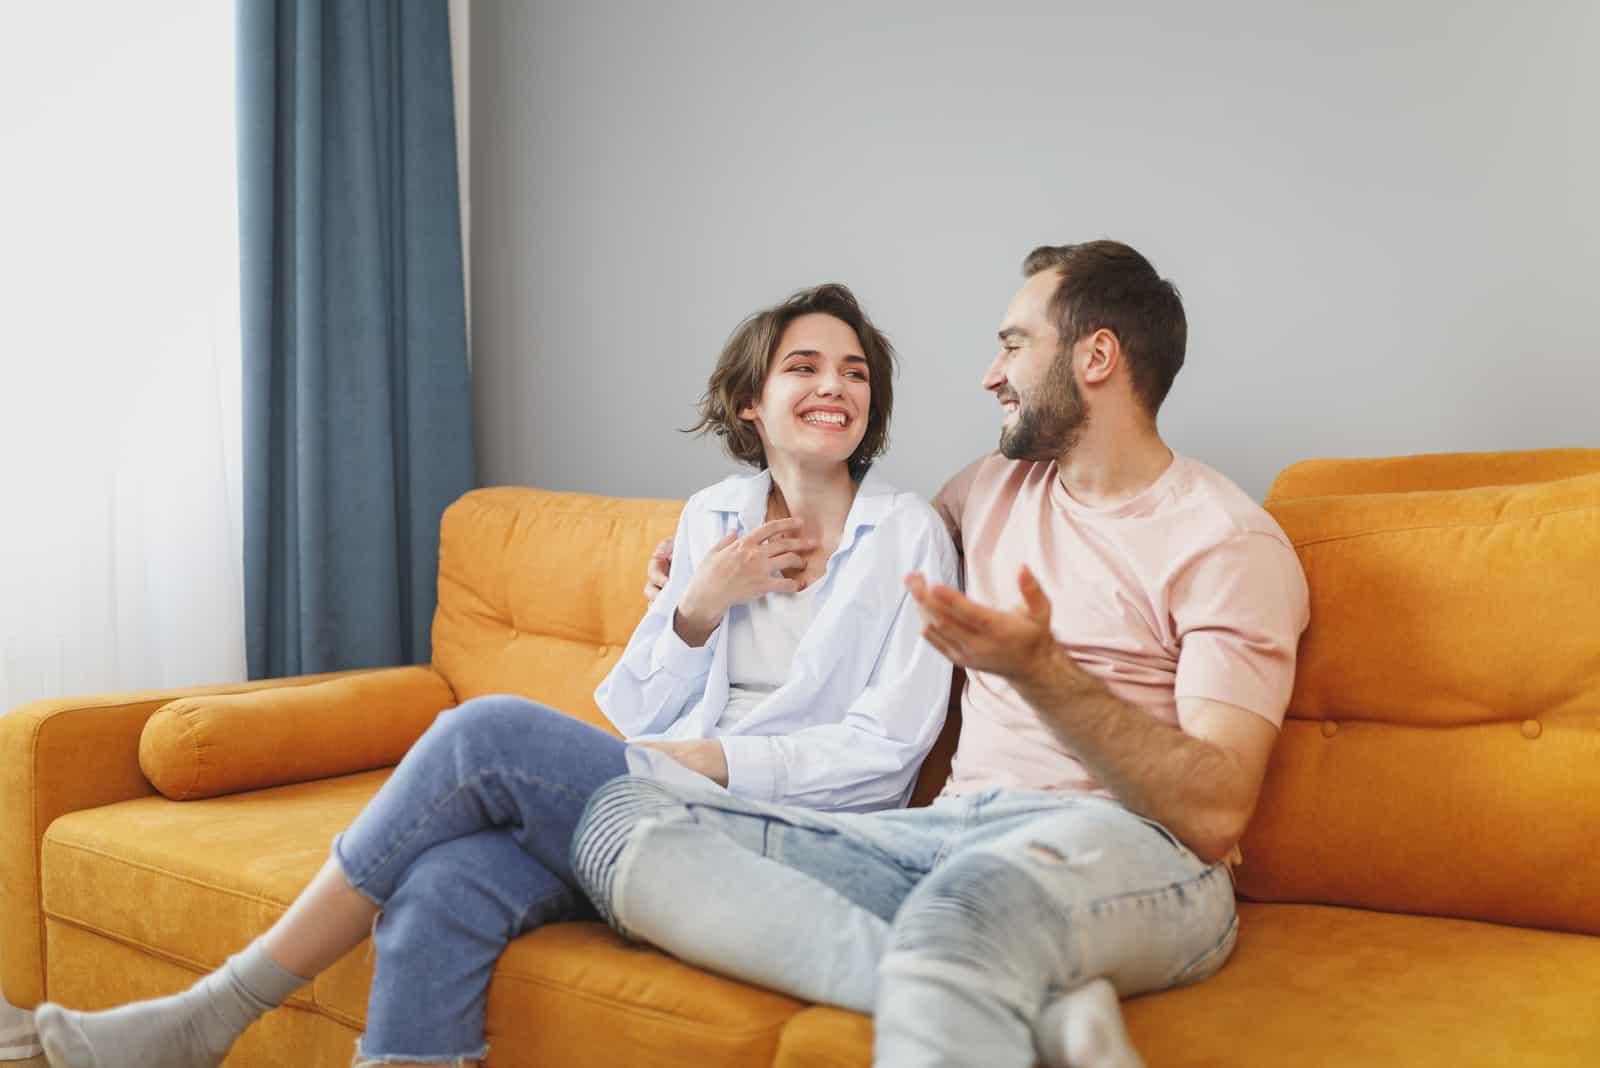 l'homme et la femme sont assis sur le canapé en s'embrassant et en riant